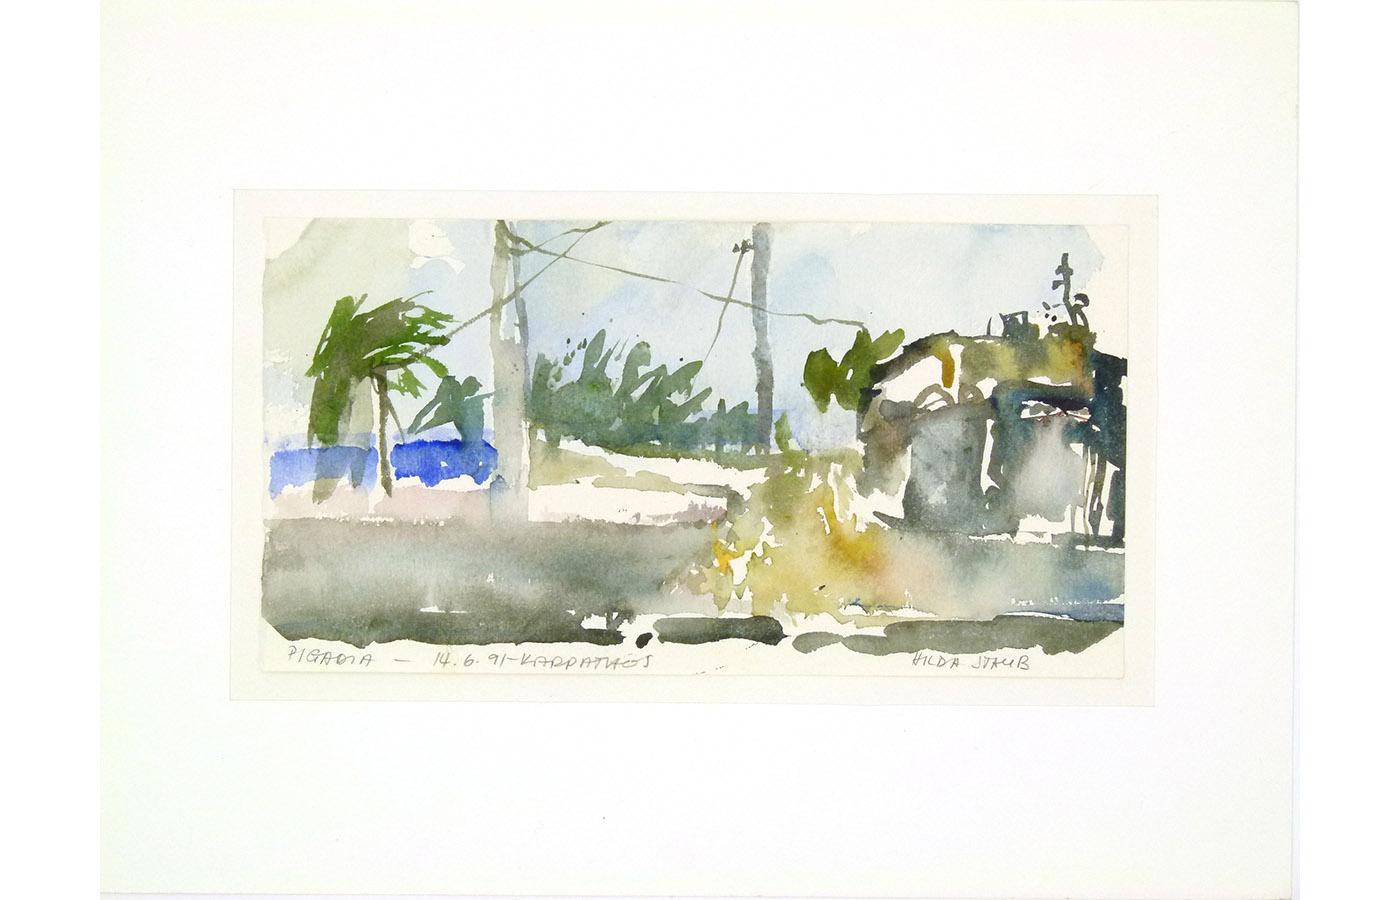 Landschaften und Reisebilder, Aquarell, 1991 bis 1993_0023_L1110050a